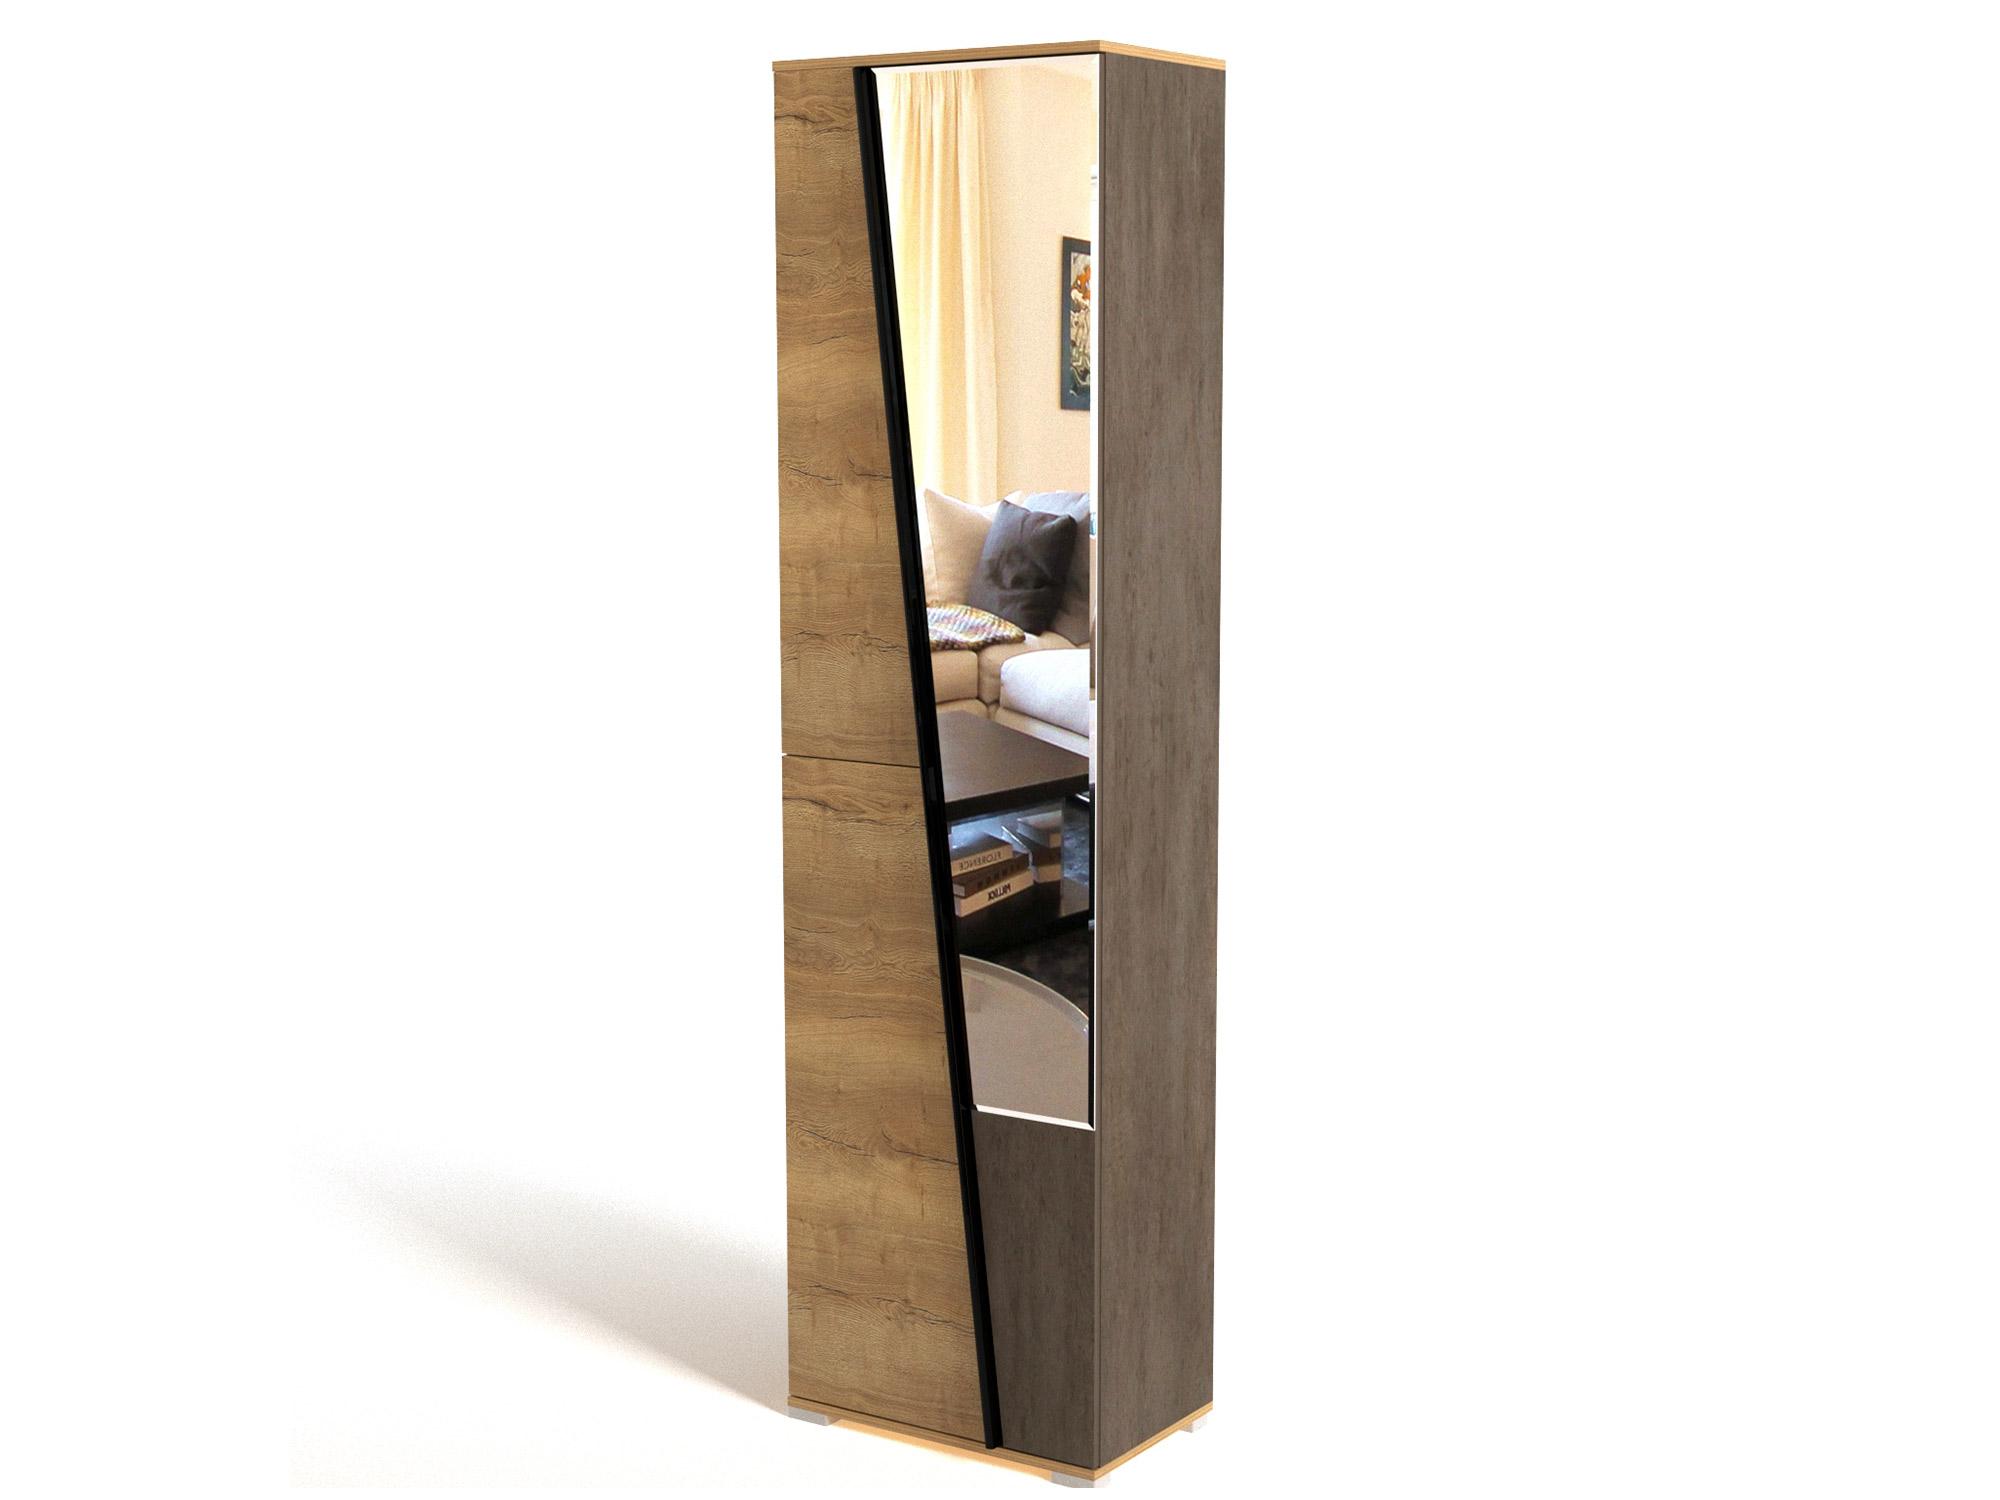 Фото - Шкаф для одежды с зеркалом и полками Стреза Дуб Галифакс шкаф однодверный стреза дуб галифакс натуральный бетон чикаго